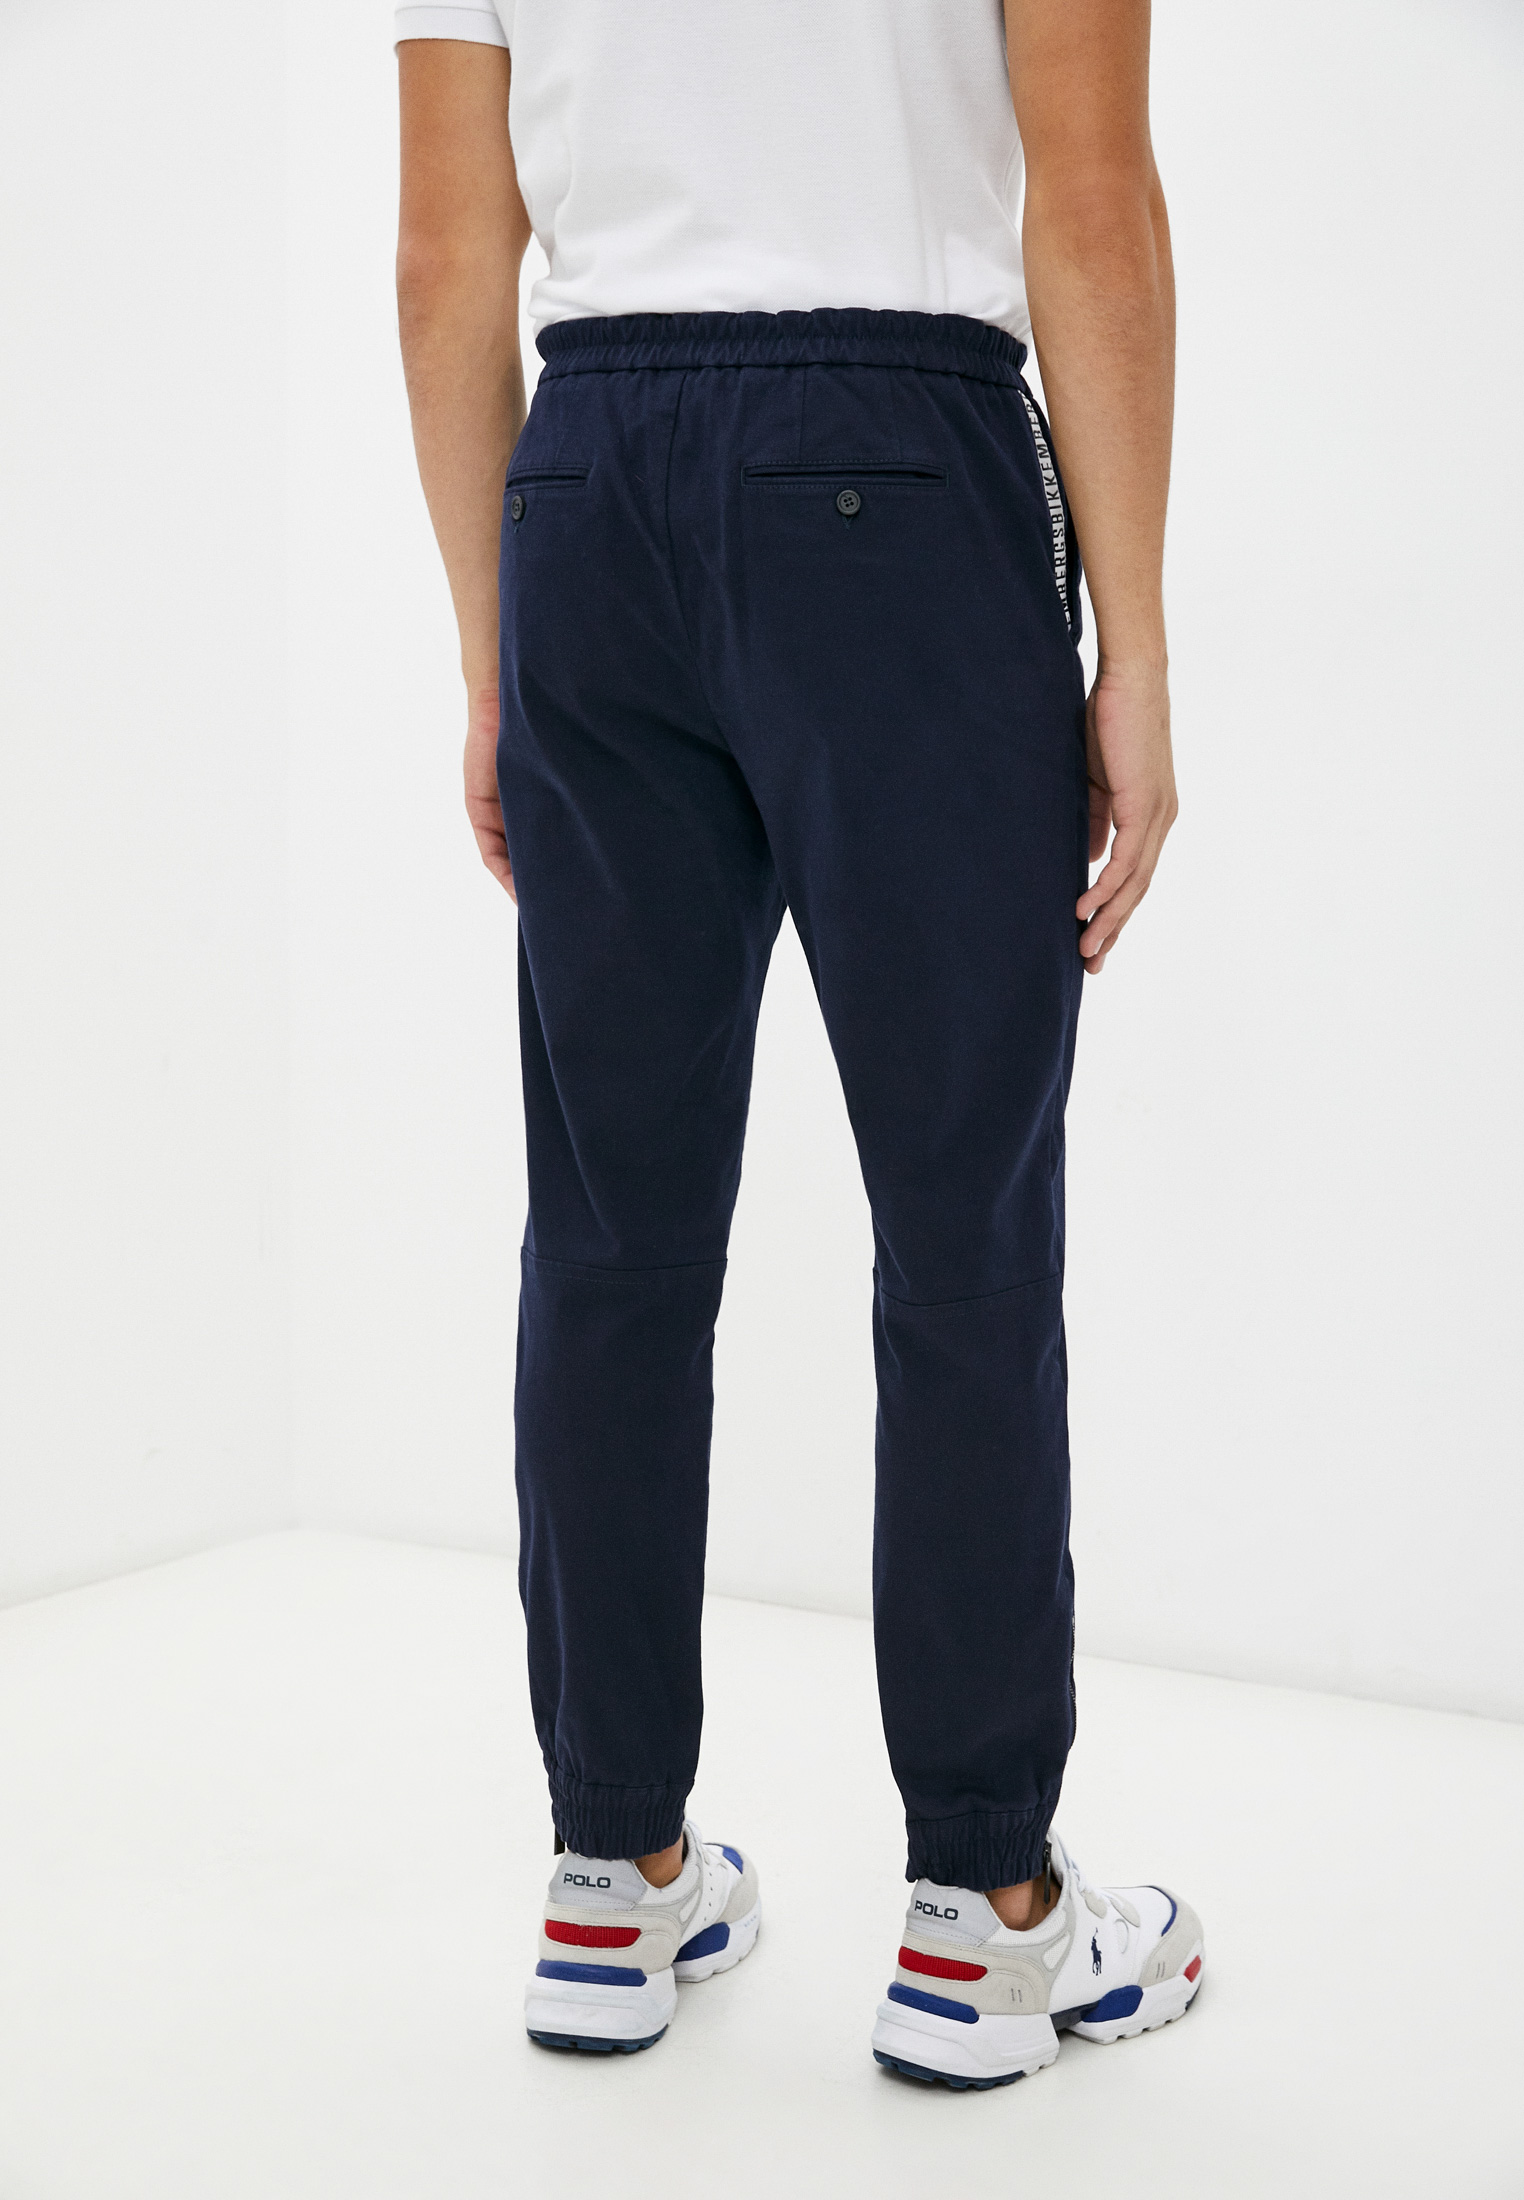 Мужские повседневные брюки Bikkembergs (Биккембергс) C P 039 00 S 3330: изображение 14